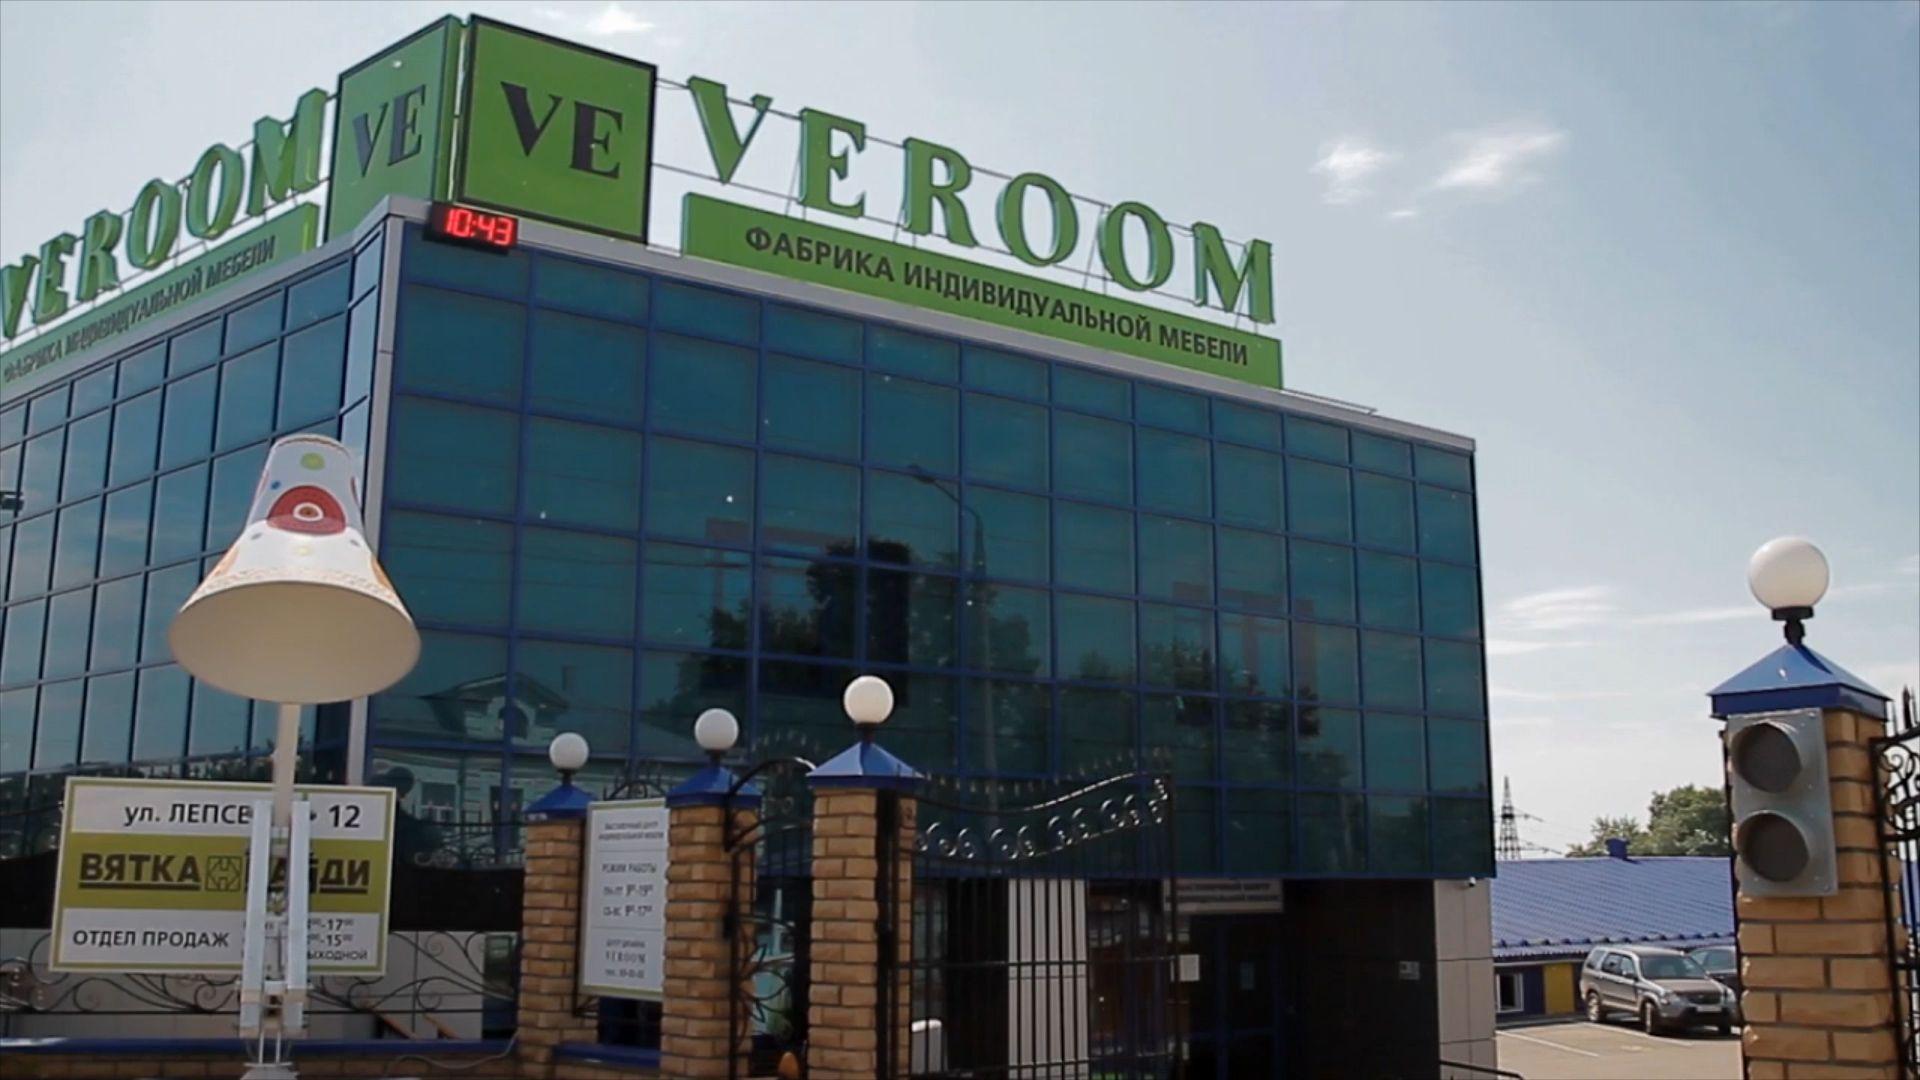 """Фабрика индивидуальной мебели """"Veroom"""""""